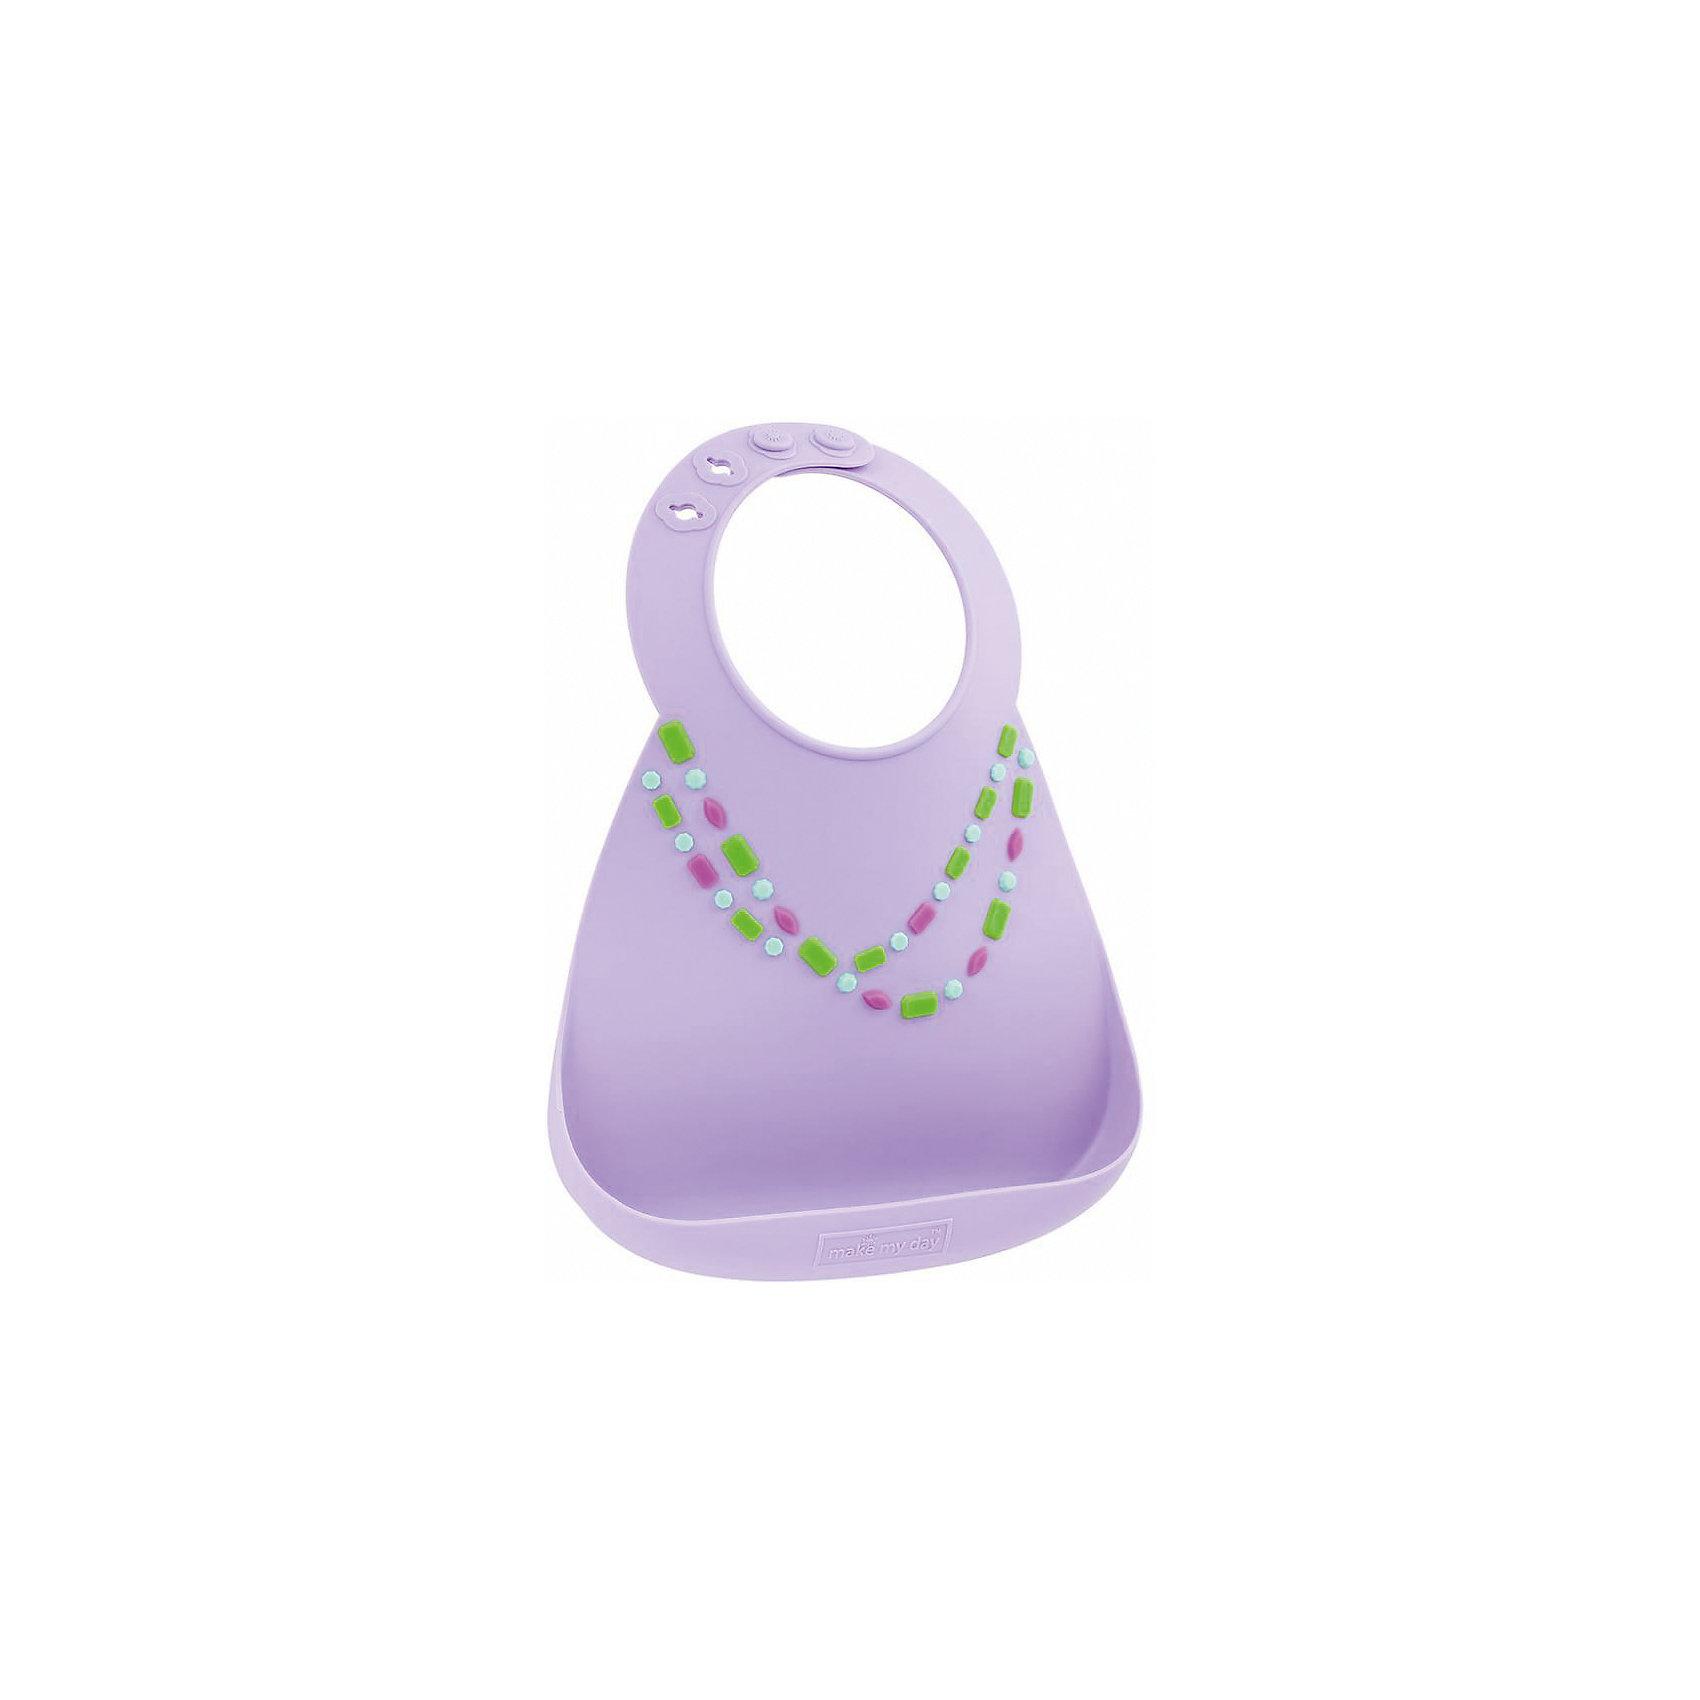 Нагрудник Make my day, лиловый/украшениеНагрудники и салфетки<br>Нагрудник Make my day, лиловый/украшение.<br><br>Характеристики:<br>• изготовлен из качественного гипоаллергенного силикона<br>• имеет удобный карман для крошек и кусочков пищи<br>• не содержит фталаты, бисфенол-А и ПВХ<br>• регулируемая застежка<br>• легко моется и подходит для посудомоечной машины<br>• высокая гибкость <br>• оригинальный дизайн<br>• состав: 100% пищевой силикон<br>• размер: 24х21 см<br>• размер упаковки: 24,5x21x4,5 см<br>• цвет: лиловый/украшение<br><br>Нагрудник Make my day изготовлен из высококачественного пищевого силикона и имеет регулируемую застежку, благодаря чему нагрудник не натирает нежную кожу шеи малыша. Вместительный карман снизу защитит одежду ребенка от попадания воды и пищи. Высокая гибкость нагрудника делает его компактным для хранения. Нагрудник легко отмывается водой с мылом или в посудомоечной машине. Приятный дизайн в виде разноцветного ожерелья порадует и малыша, и взрослых. С таким очаровательным нагрудником каждый прием пищи будет в радость!<br><br>Нагрудник Make my day, лиловый/украшение можно купить в нашем интернет-магазине.<br><br>Ширина мм: 210<br>Глубина мм: 45<br>Высота мм: 245<br>Вес г: 289<br>Возраст от месяцев: 0<br>Возраст до месяцев: 36<br>Пол: Женский<br>Возраст: Детский<br>SKU: 5068720